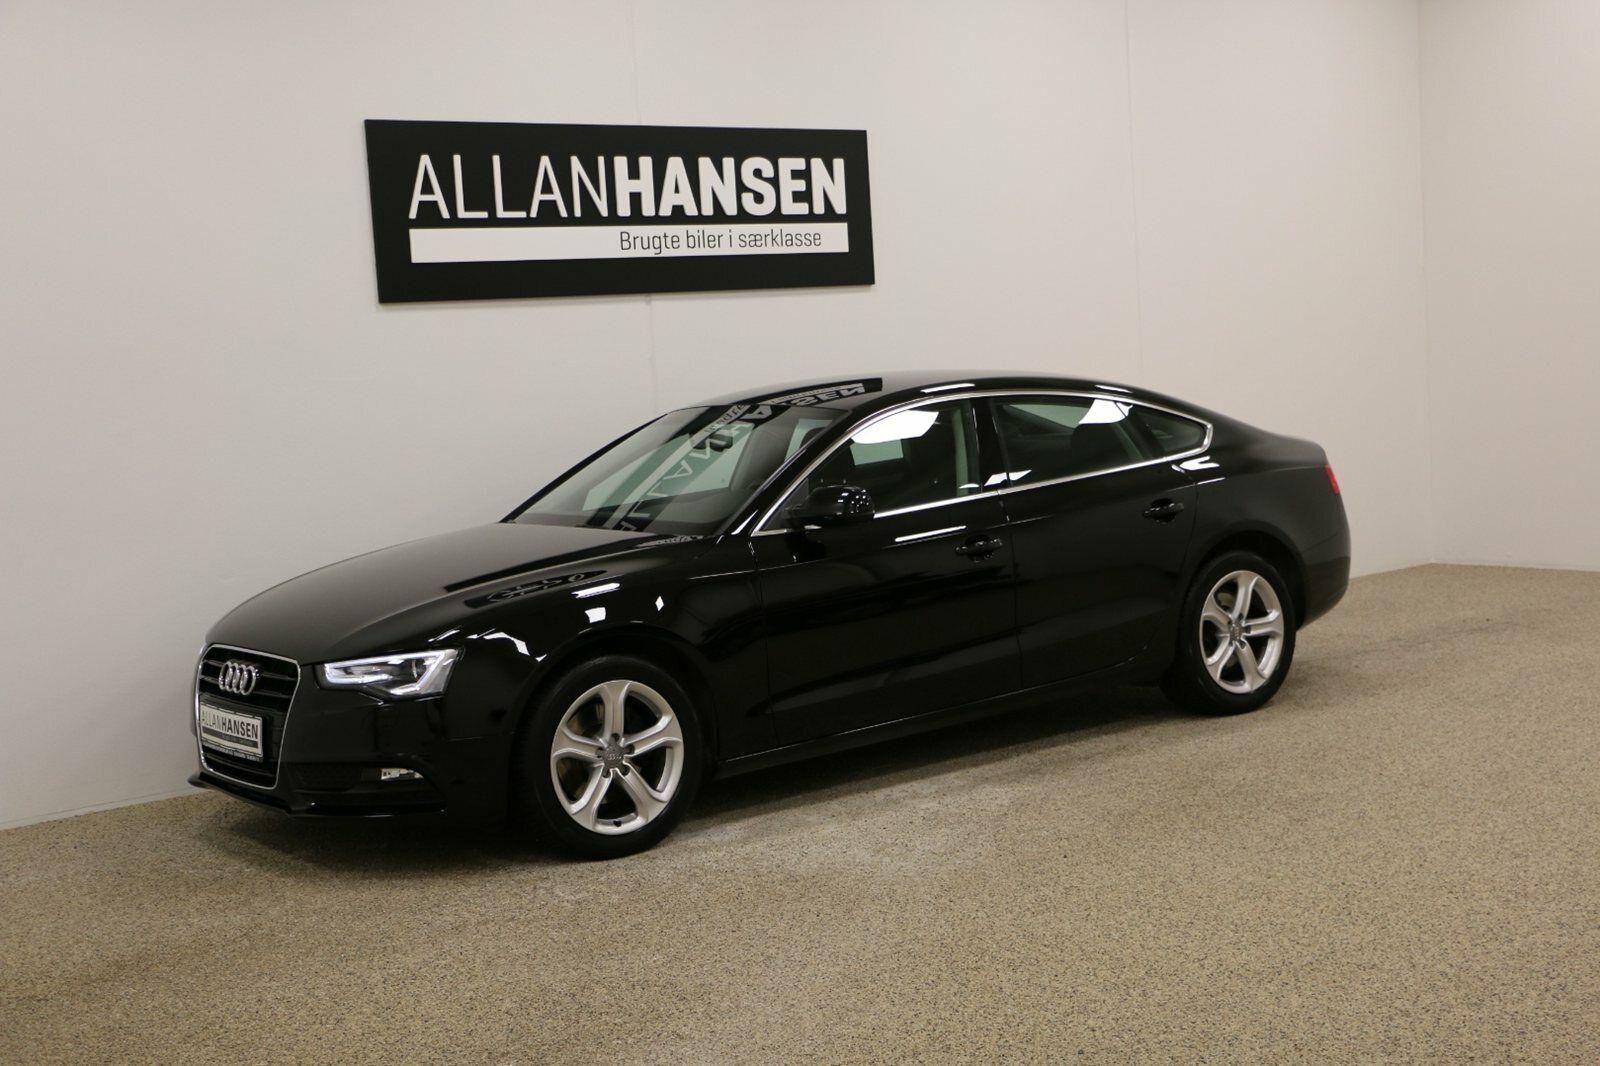 Audi A5 1,8 TFSi 177 SB 5d - 289.900 kr.